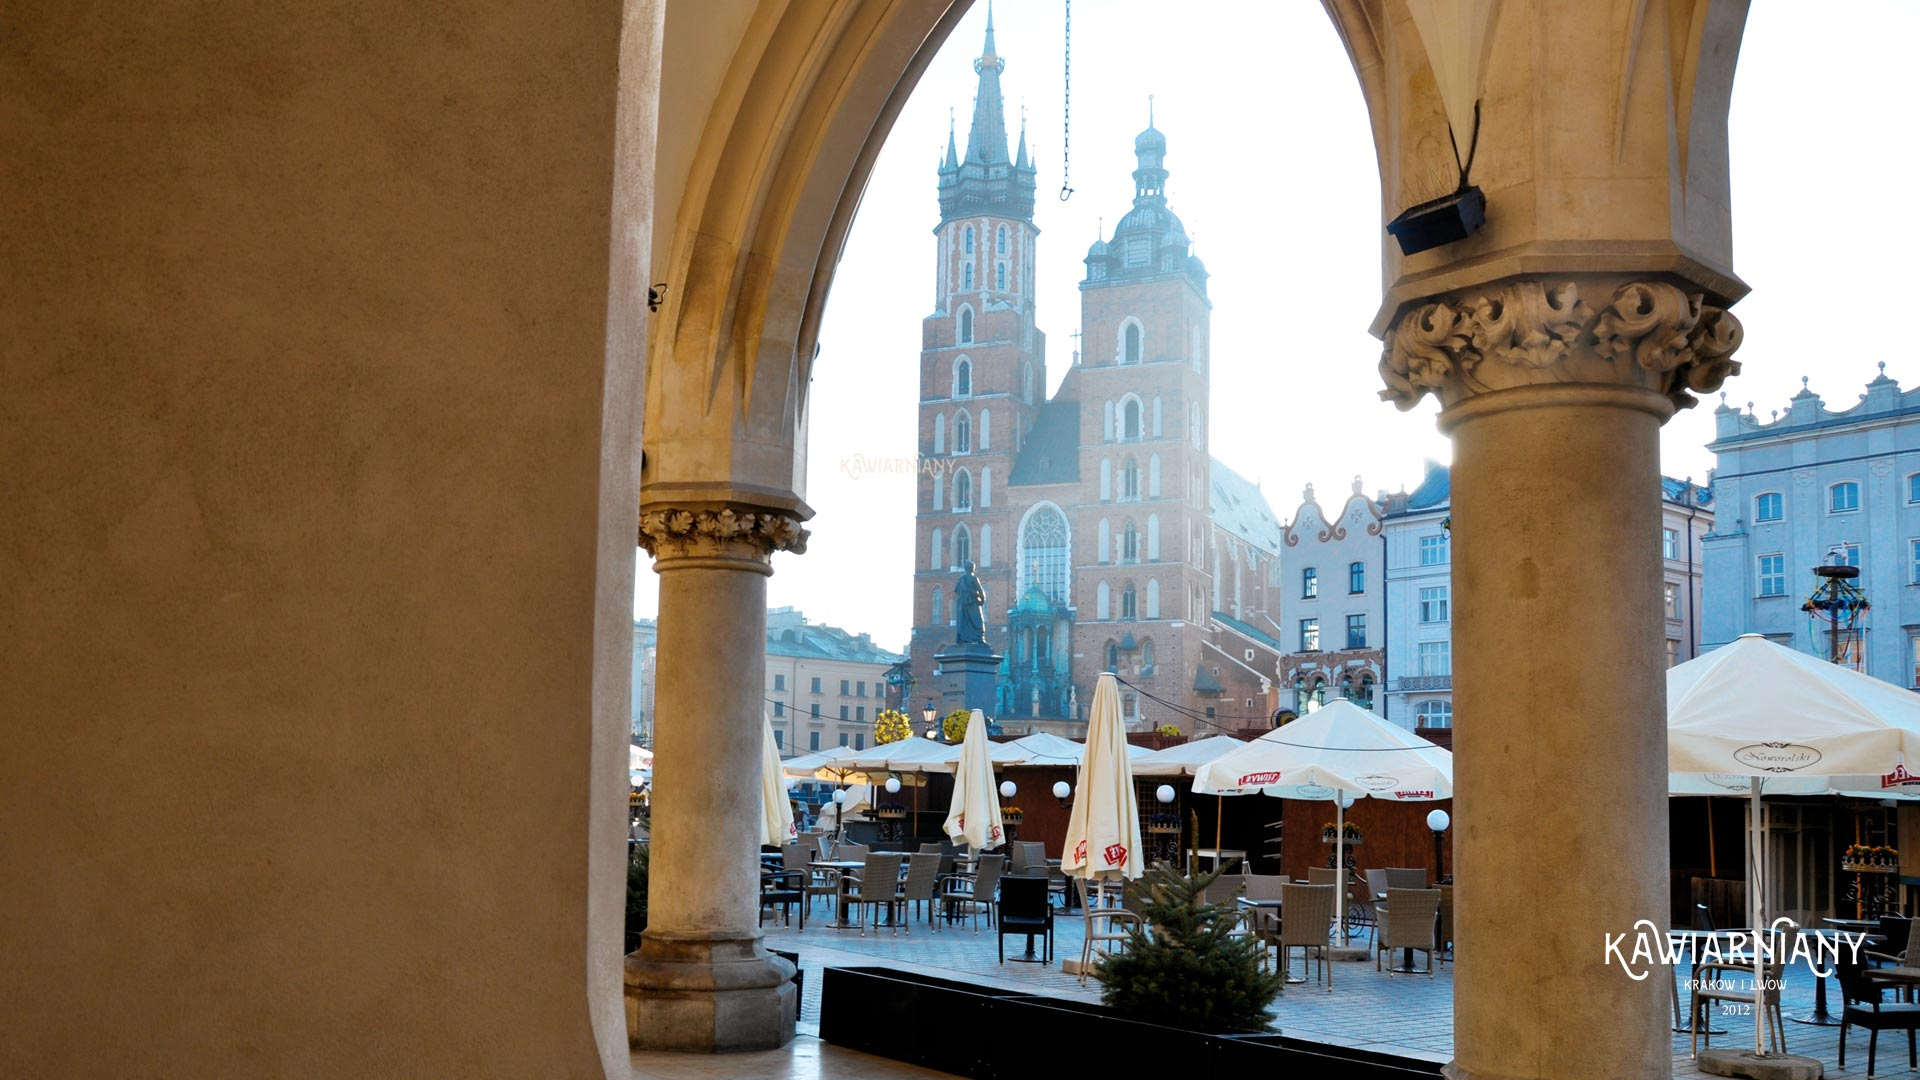 Rynek w Krakowie: 15 atrakcji znanych i nieznanych